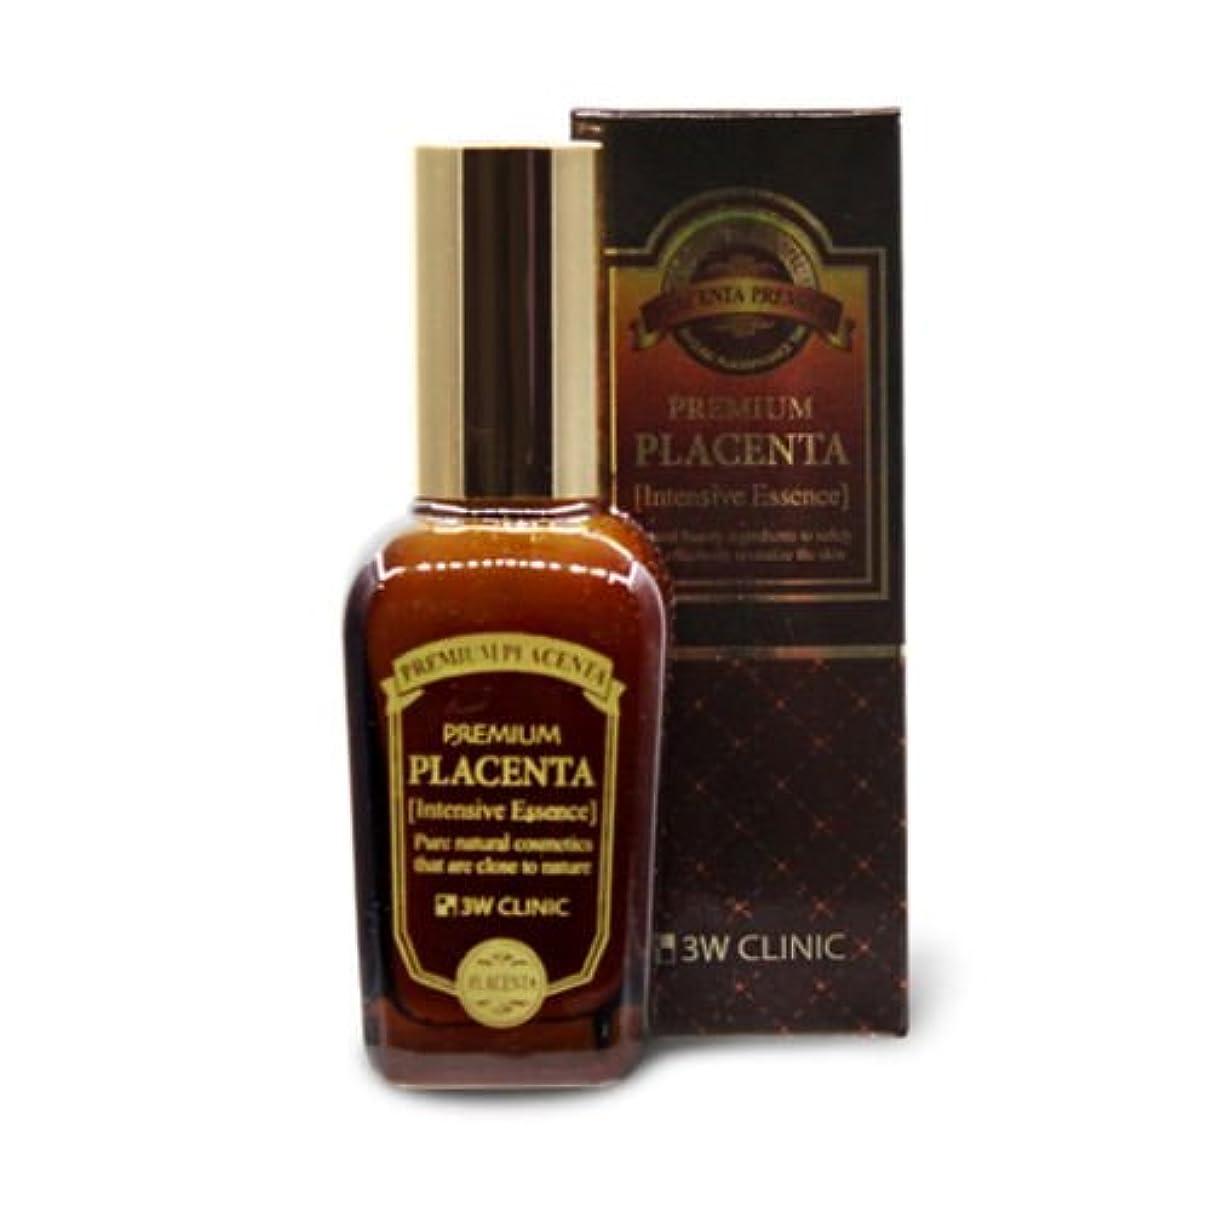 名目上の証書中断3Wクリニック[韓国コスメ3w Clinic]Premium Placenta Intensive Essence プレミアムプラセンタインテンシブエッセンス50ml[並行輸入品]